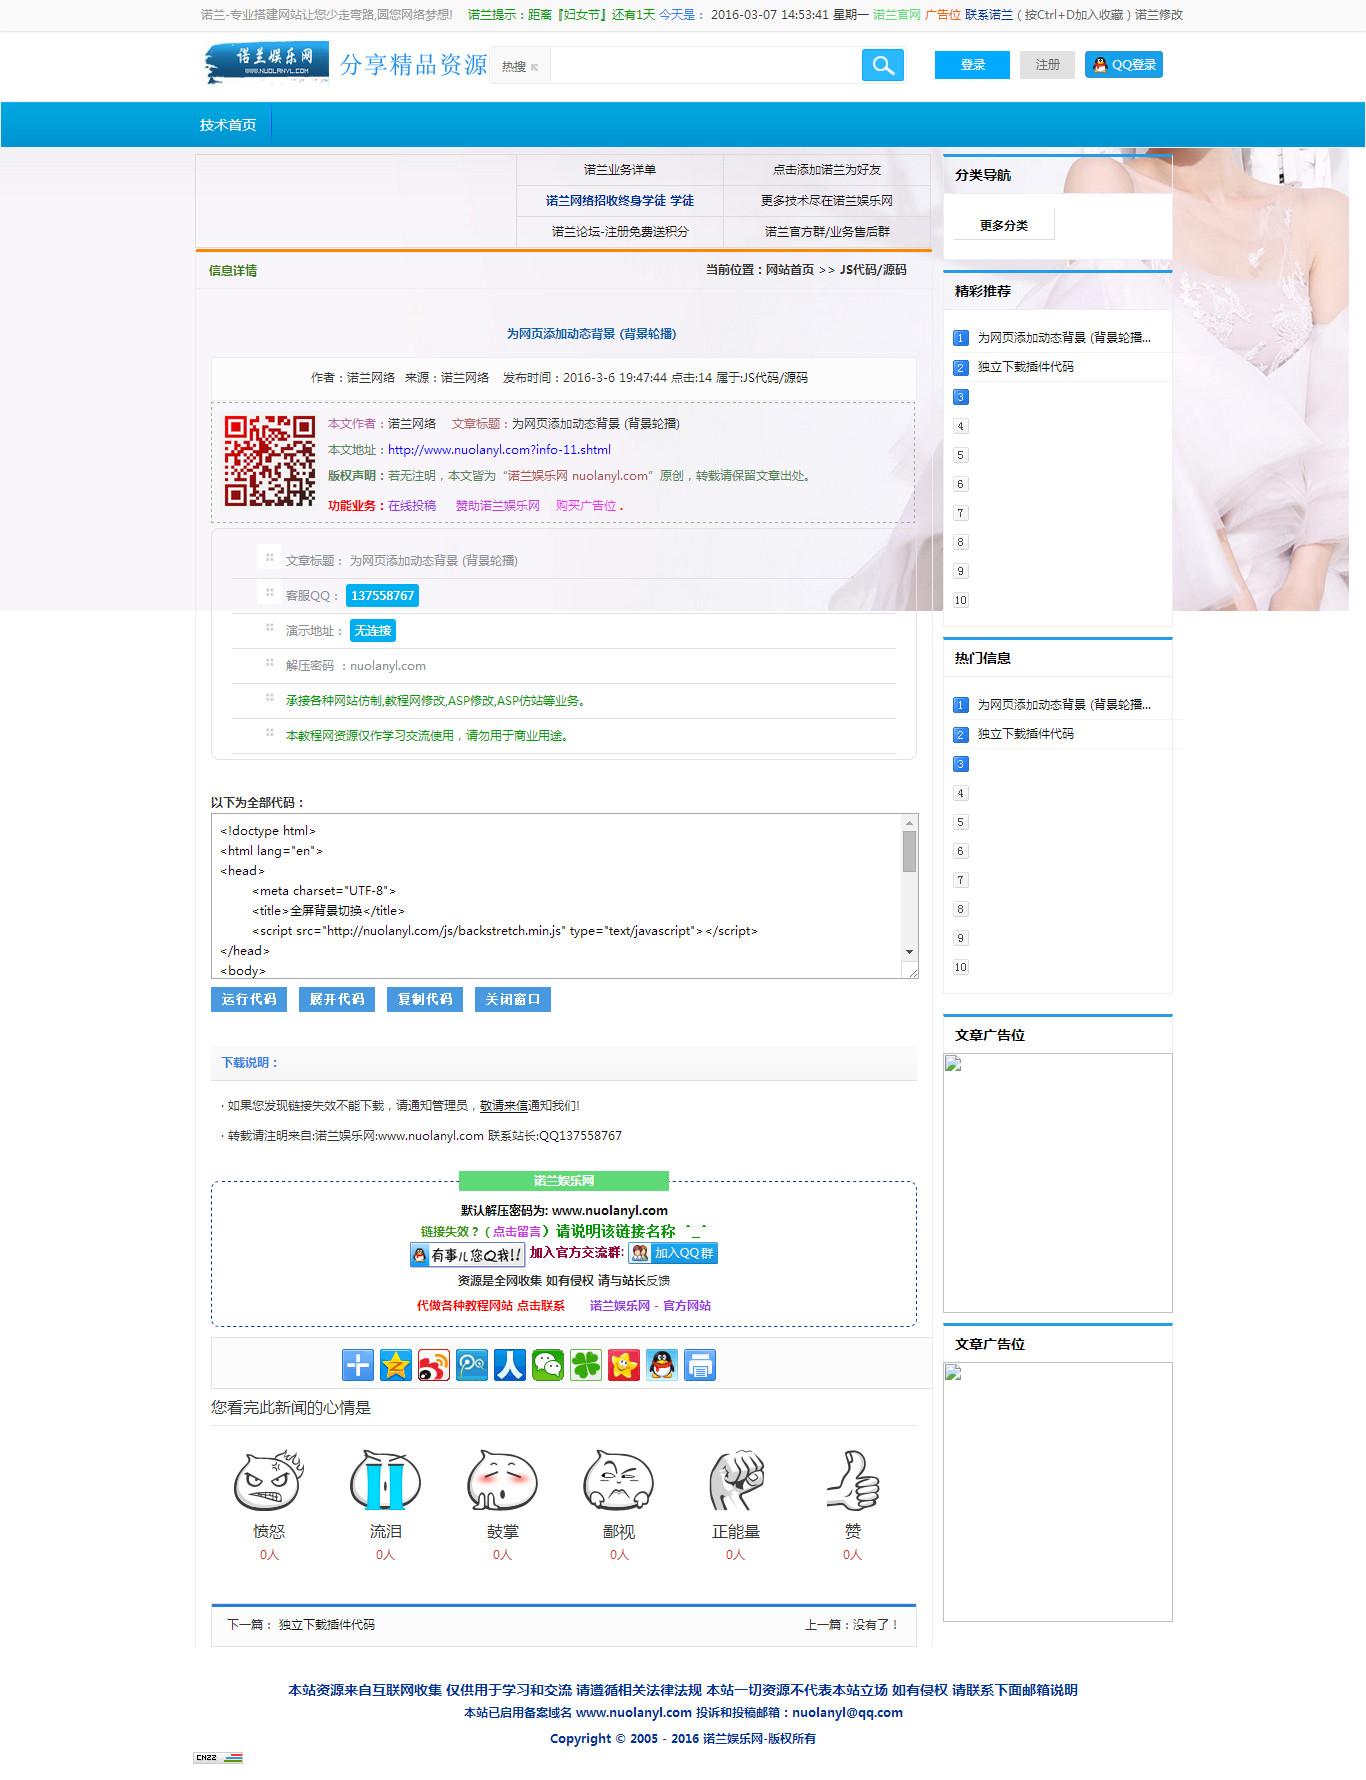 最新好看诺兰技术网首页新排版网站源码 【站长聚集地首发】